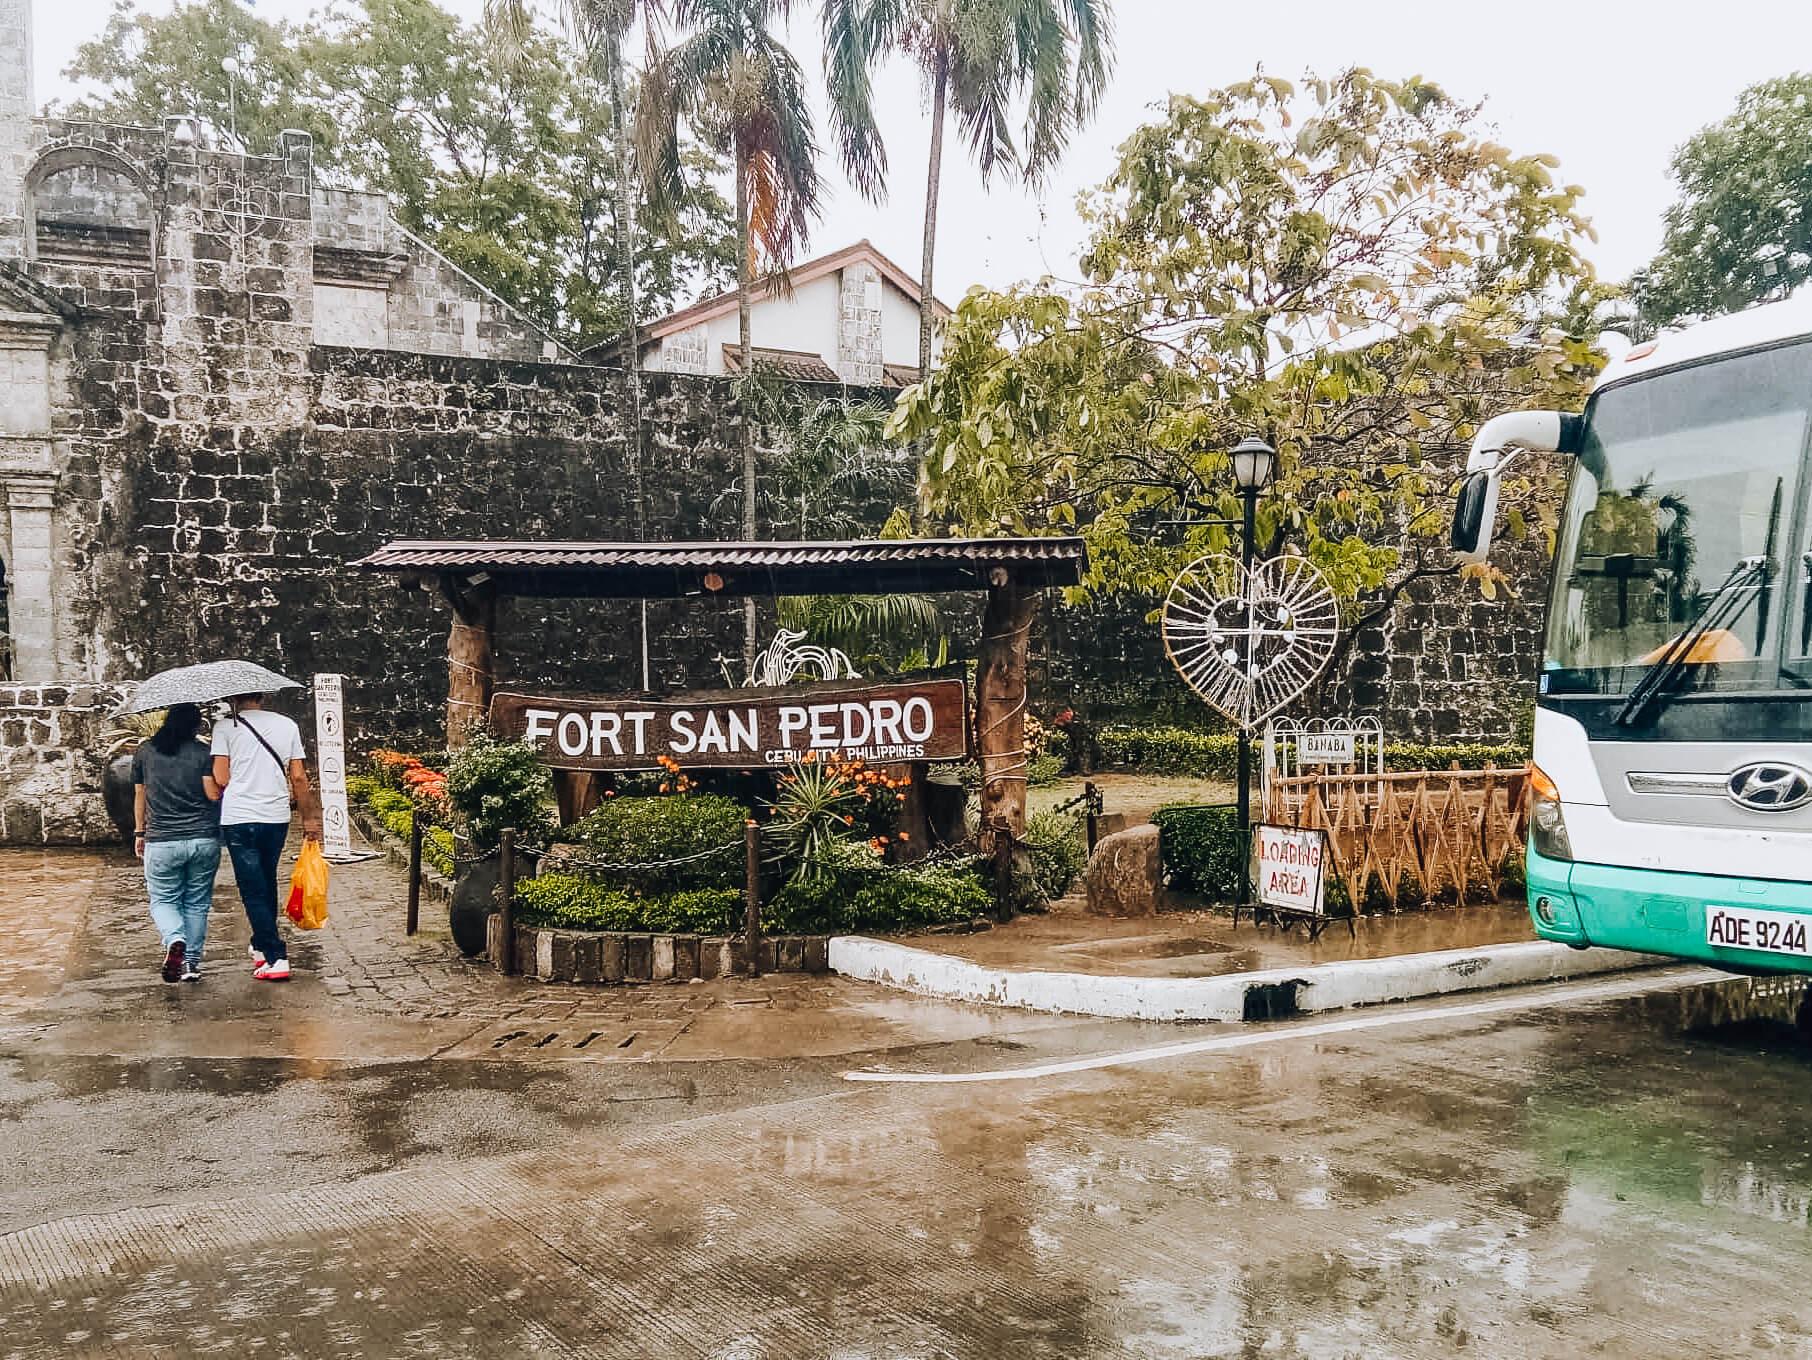 Ford San Pedro in Cebu City